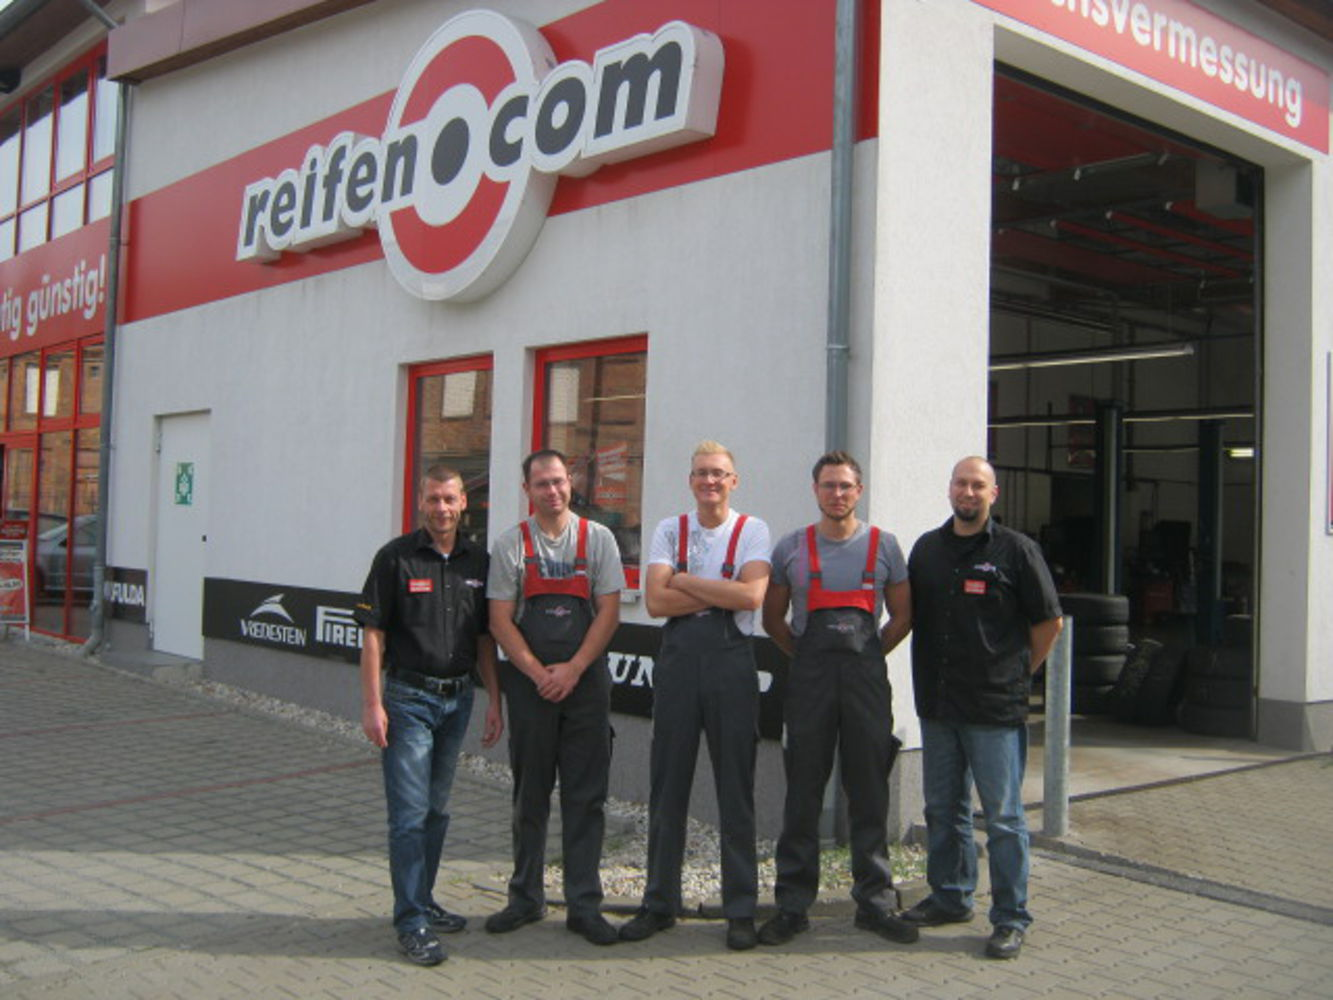 Unser Team von reifen.com in Berlin Weißensee